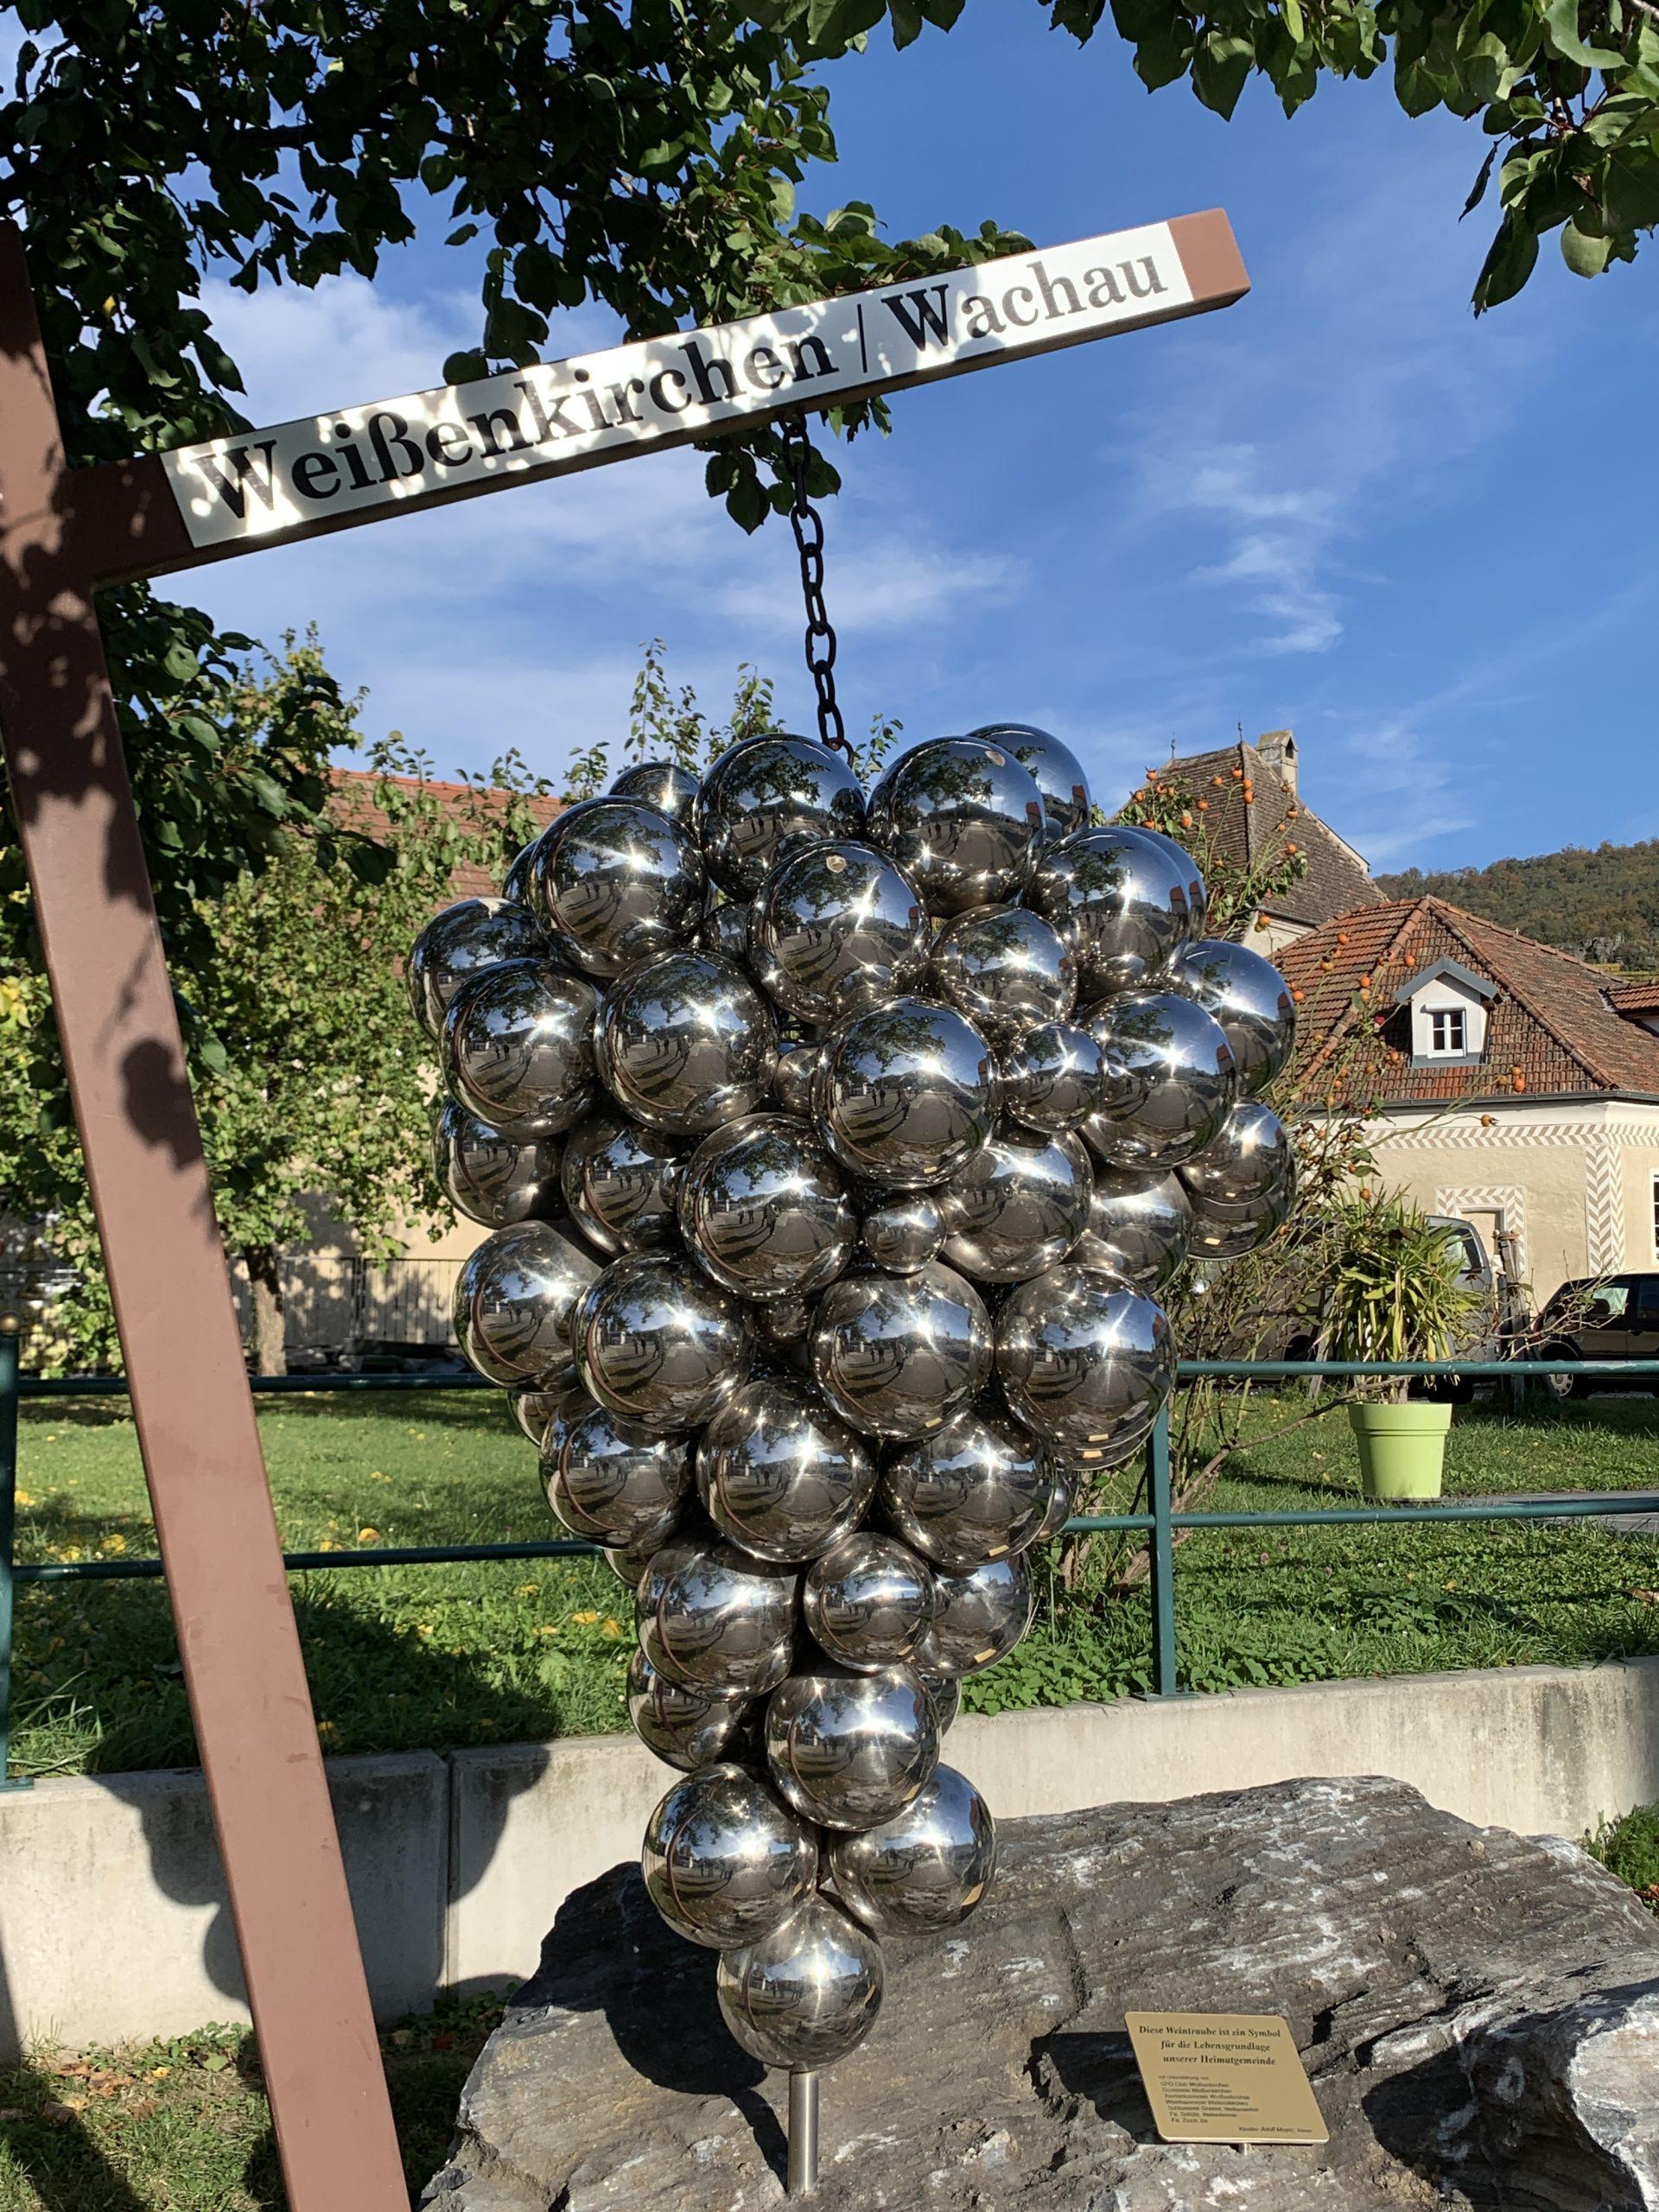 grapes when visiting Weissenkirchen